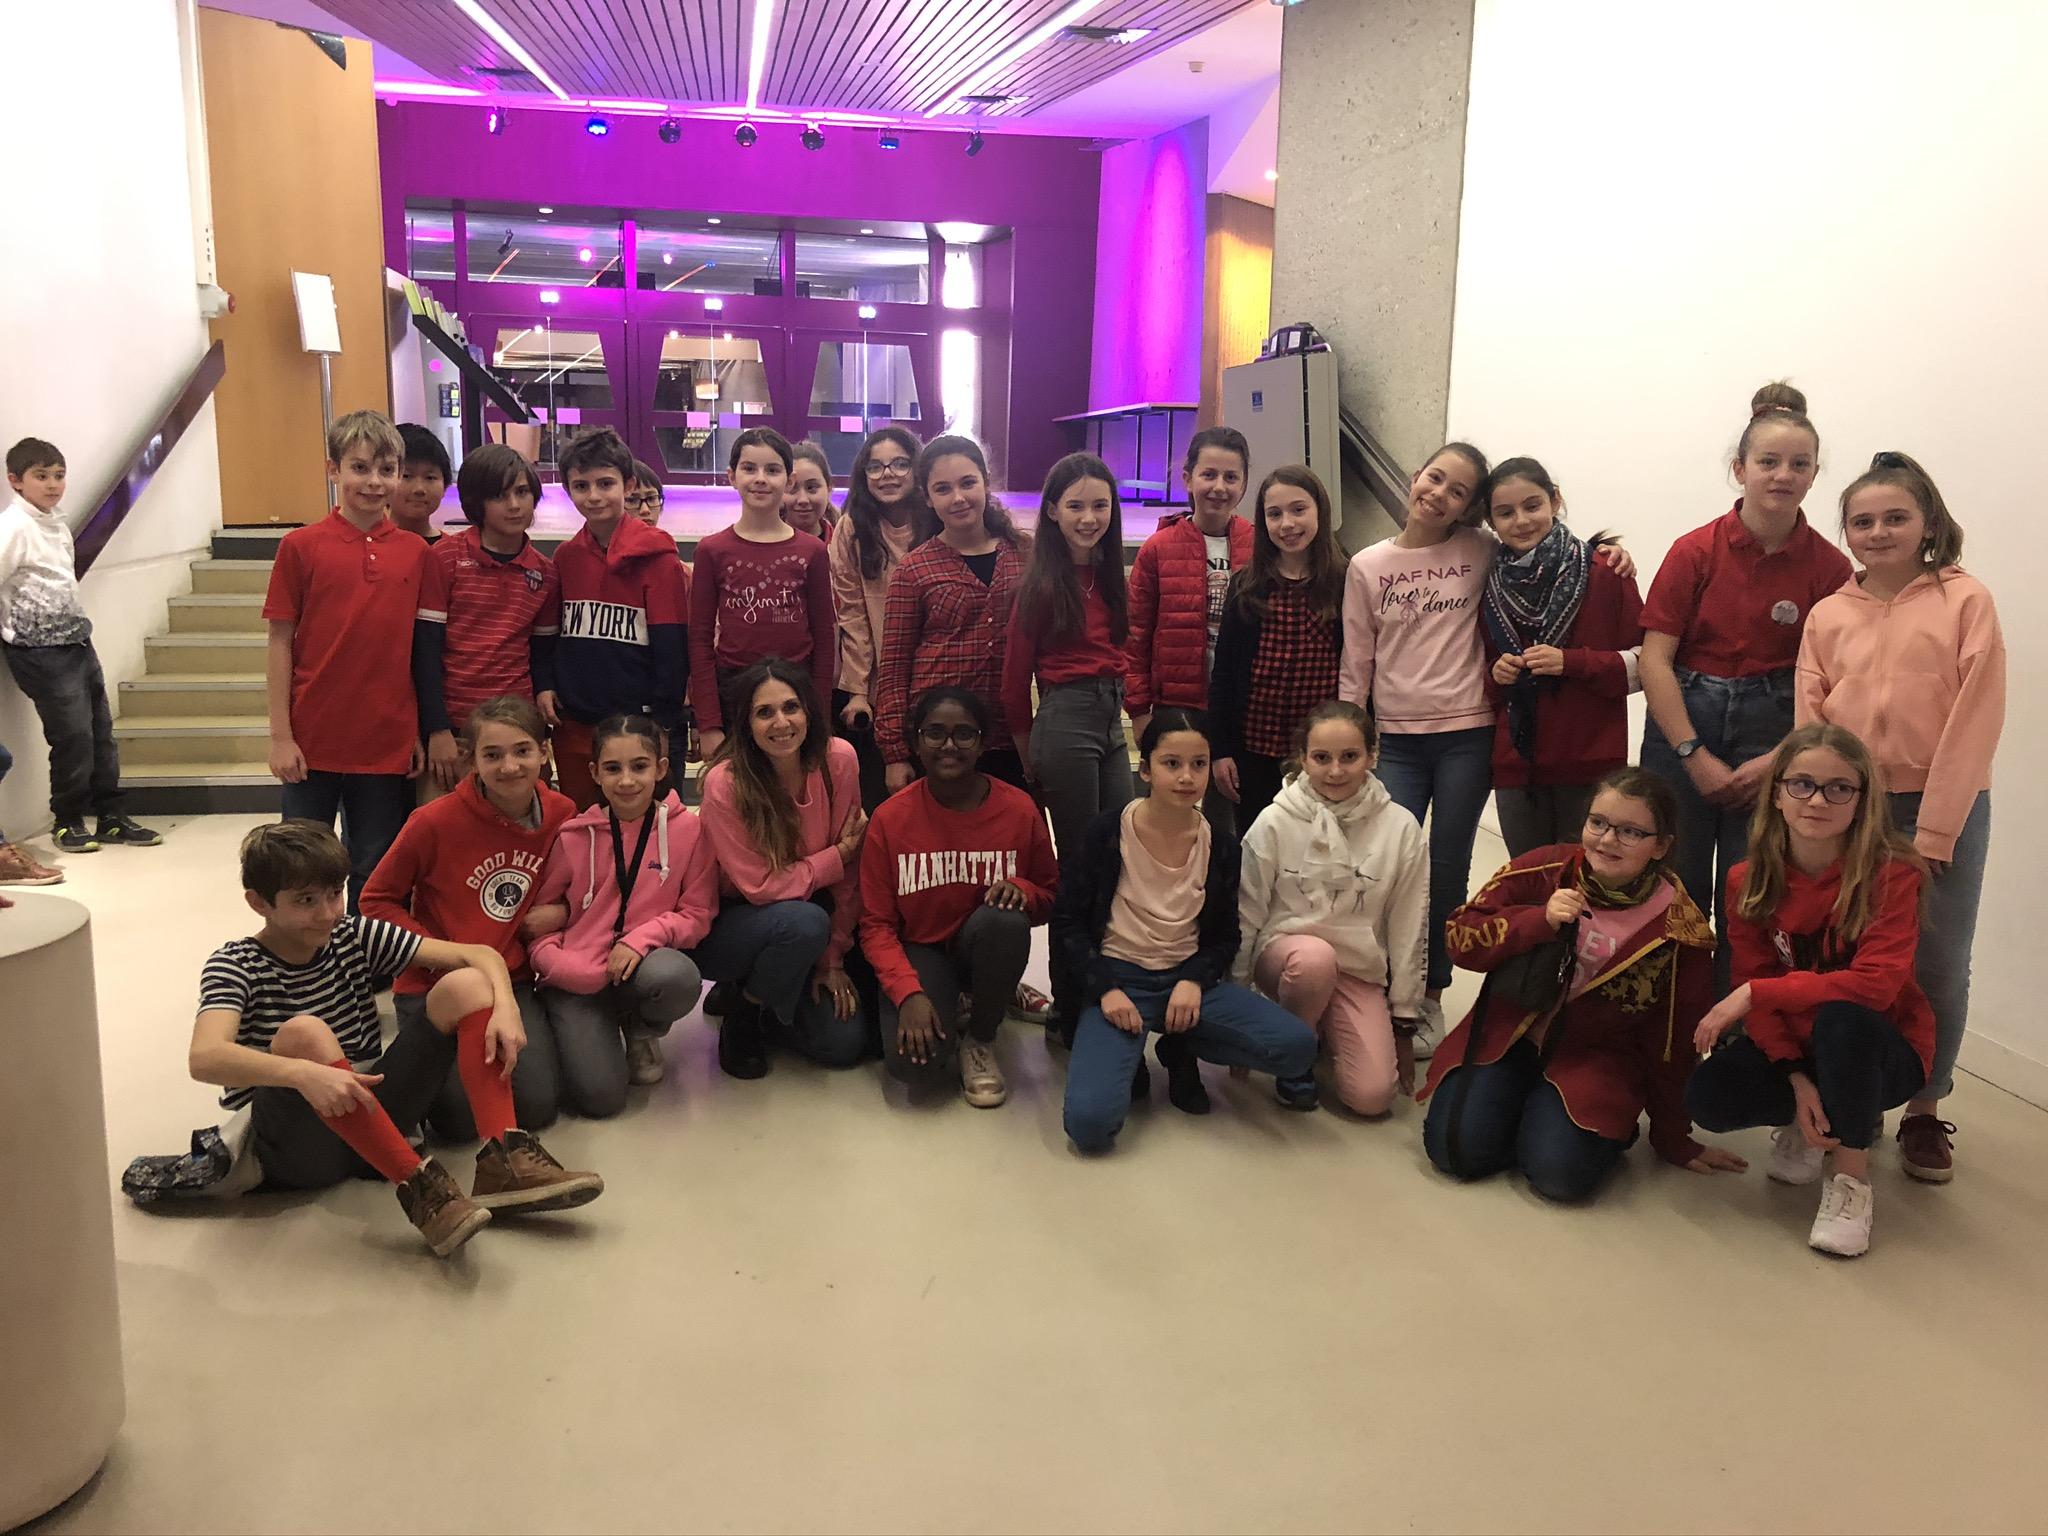 Auditorium, les 6A en rouge ou rose pour cette même journée de St Valentin